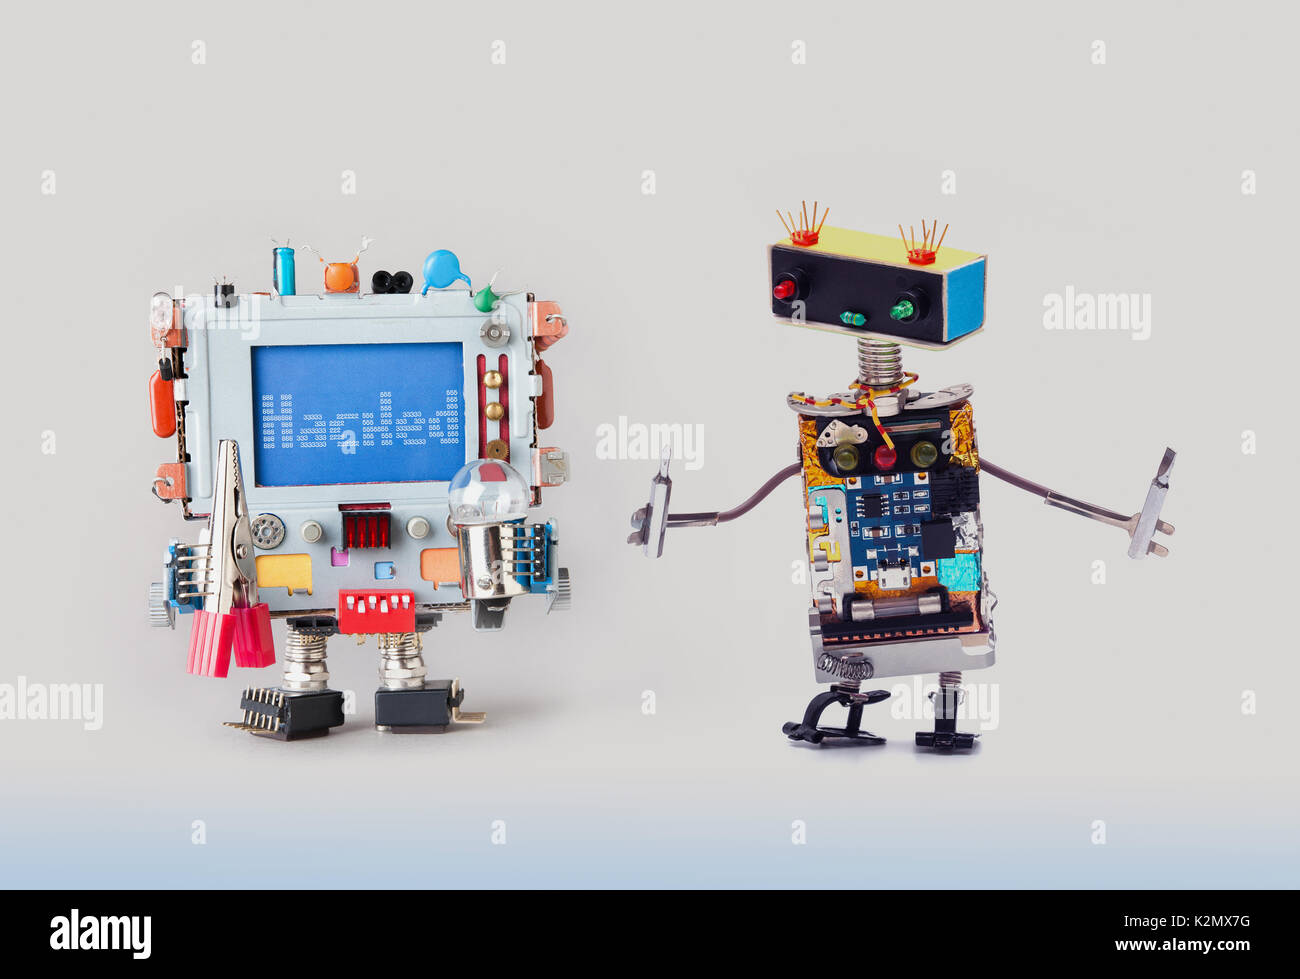 Cyber Crime concetto. Specialista IT robot veterani con cacciaviti guardando al computer colorati. Avviso messaggio di avvertimento Hacked sul display blu. Grigio a gradiente dello sfondo Immagini Stock